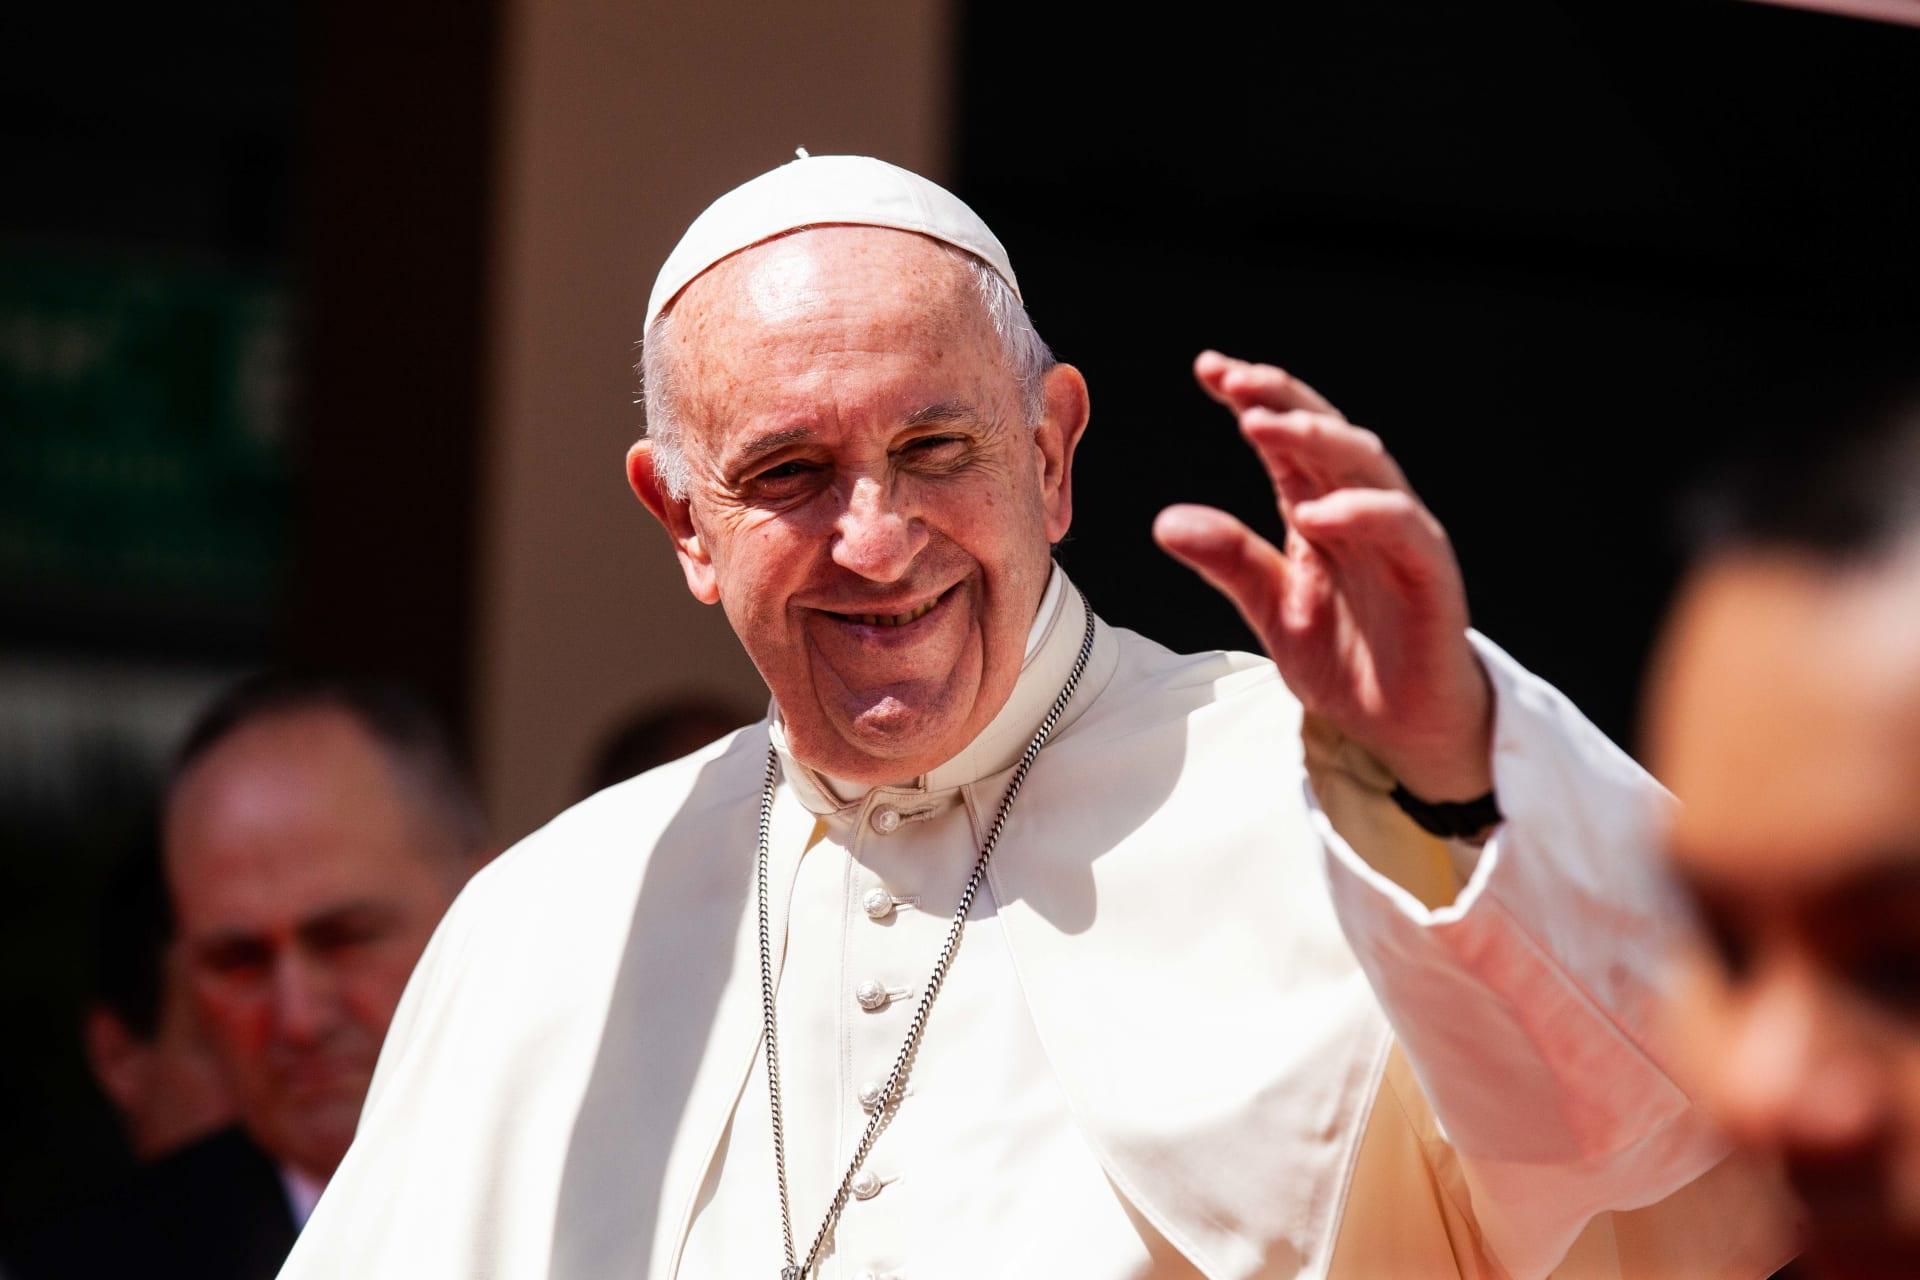 الخارجية العراقية: البابا فرنسيس يزور بلاد ما بين النهرين العام المقبل